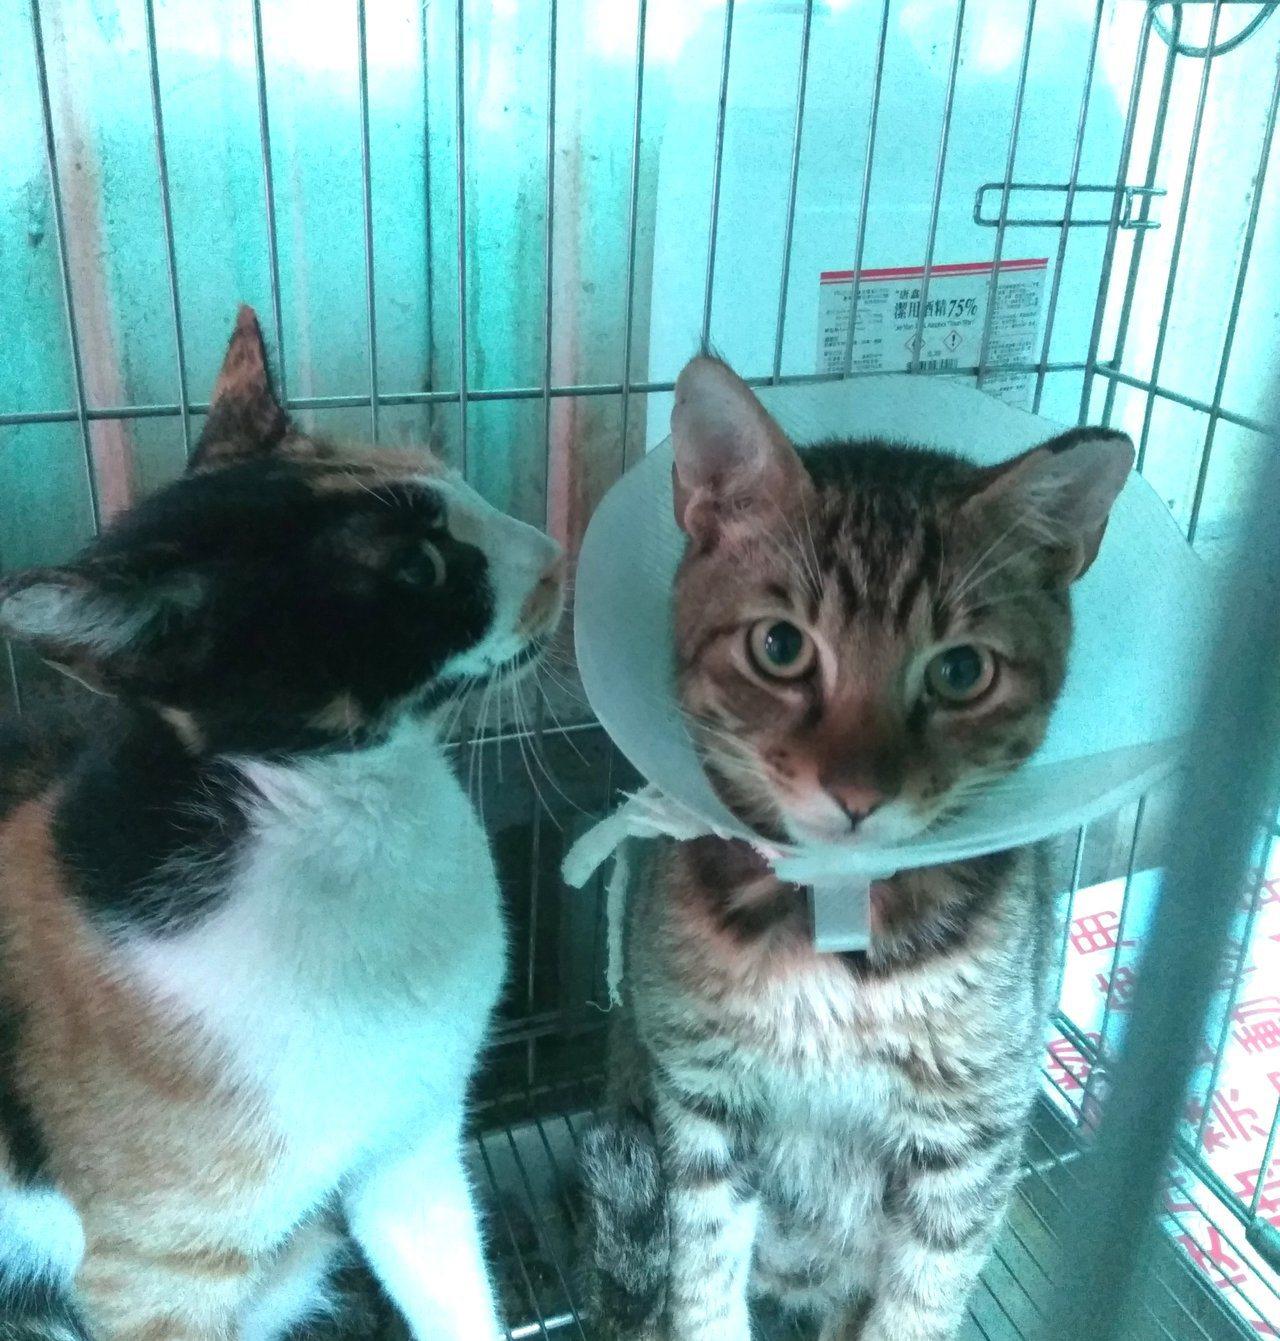 動保處將工廠內的街貓進行完結紮手術後,暫置於淡水動物之家休養。圖/新北市動保處提...